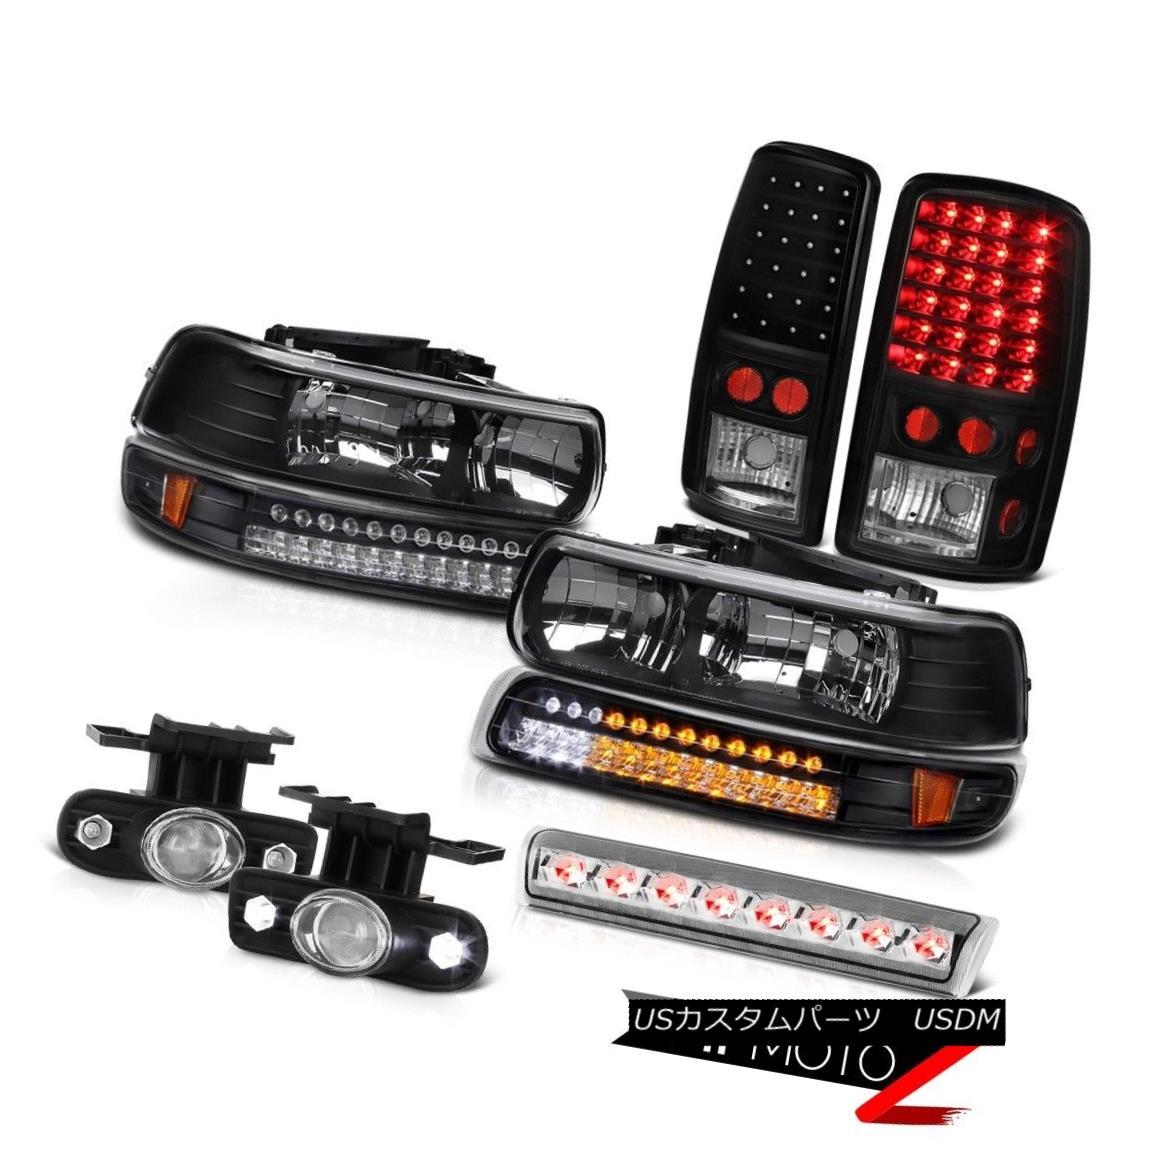 テールライト 00-06 Chevy Suburban LT Headlights parking lamp taillamps foglamps 3rd brake 00-06シボレー郊外LTヘッドライトパーキングランプテールランプフォグランプ第3ブレーキ